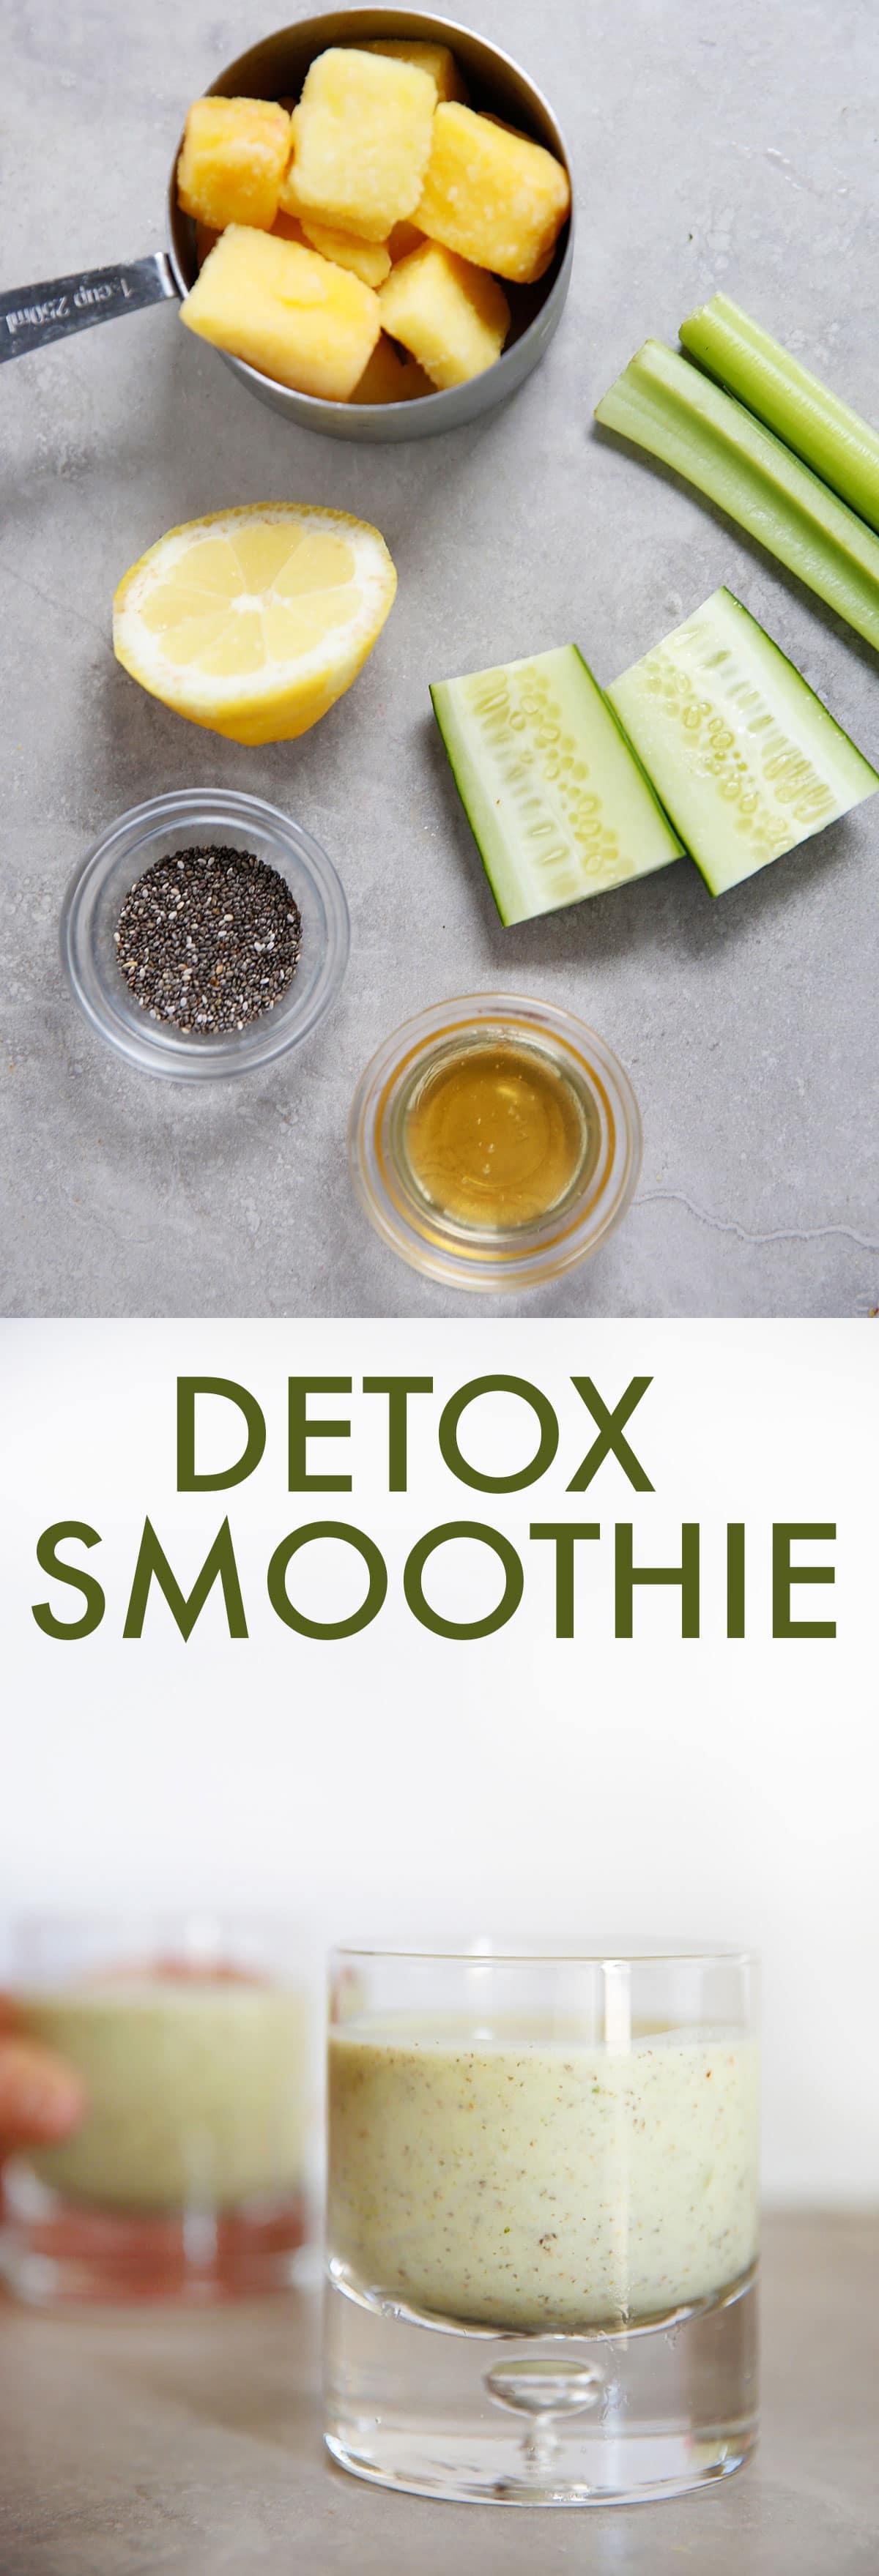 detox smoothie freezer packs lexi 39 s clean kitchen